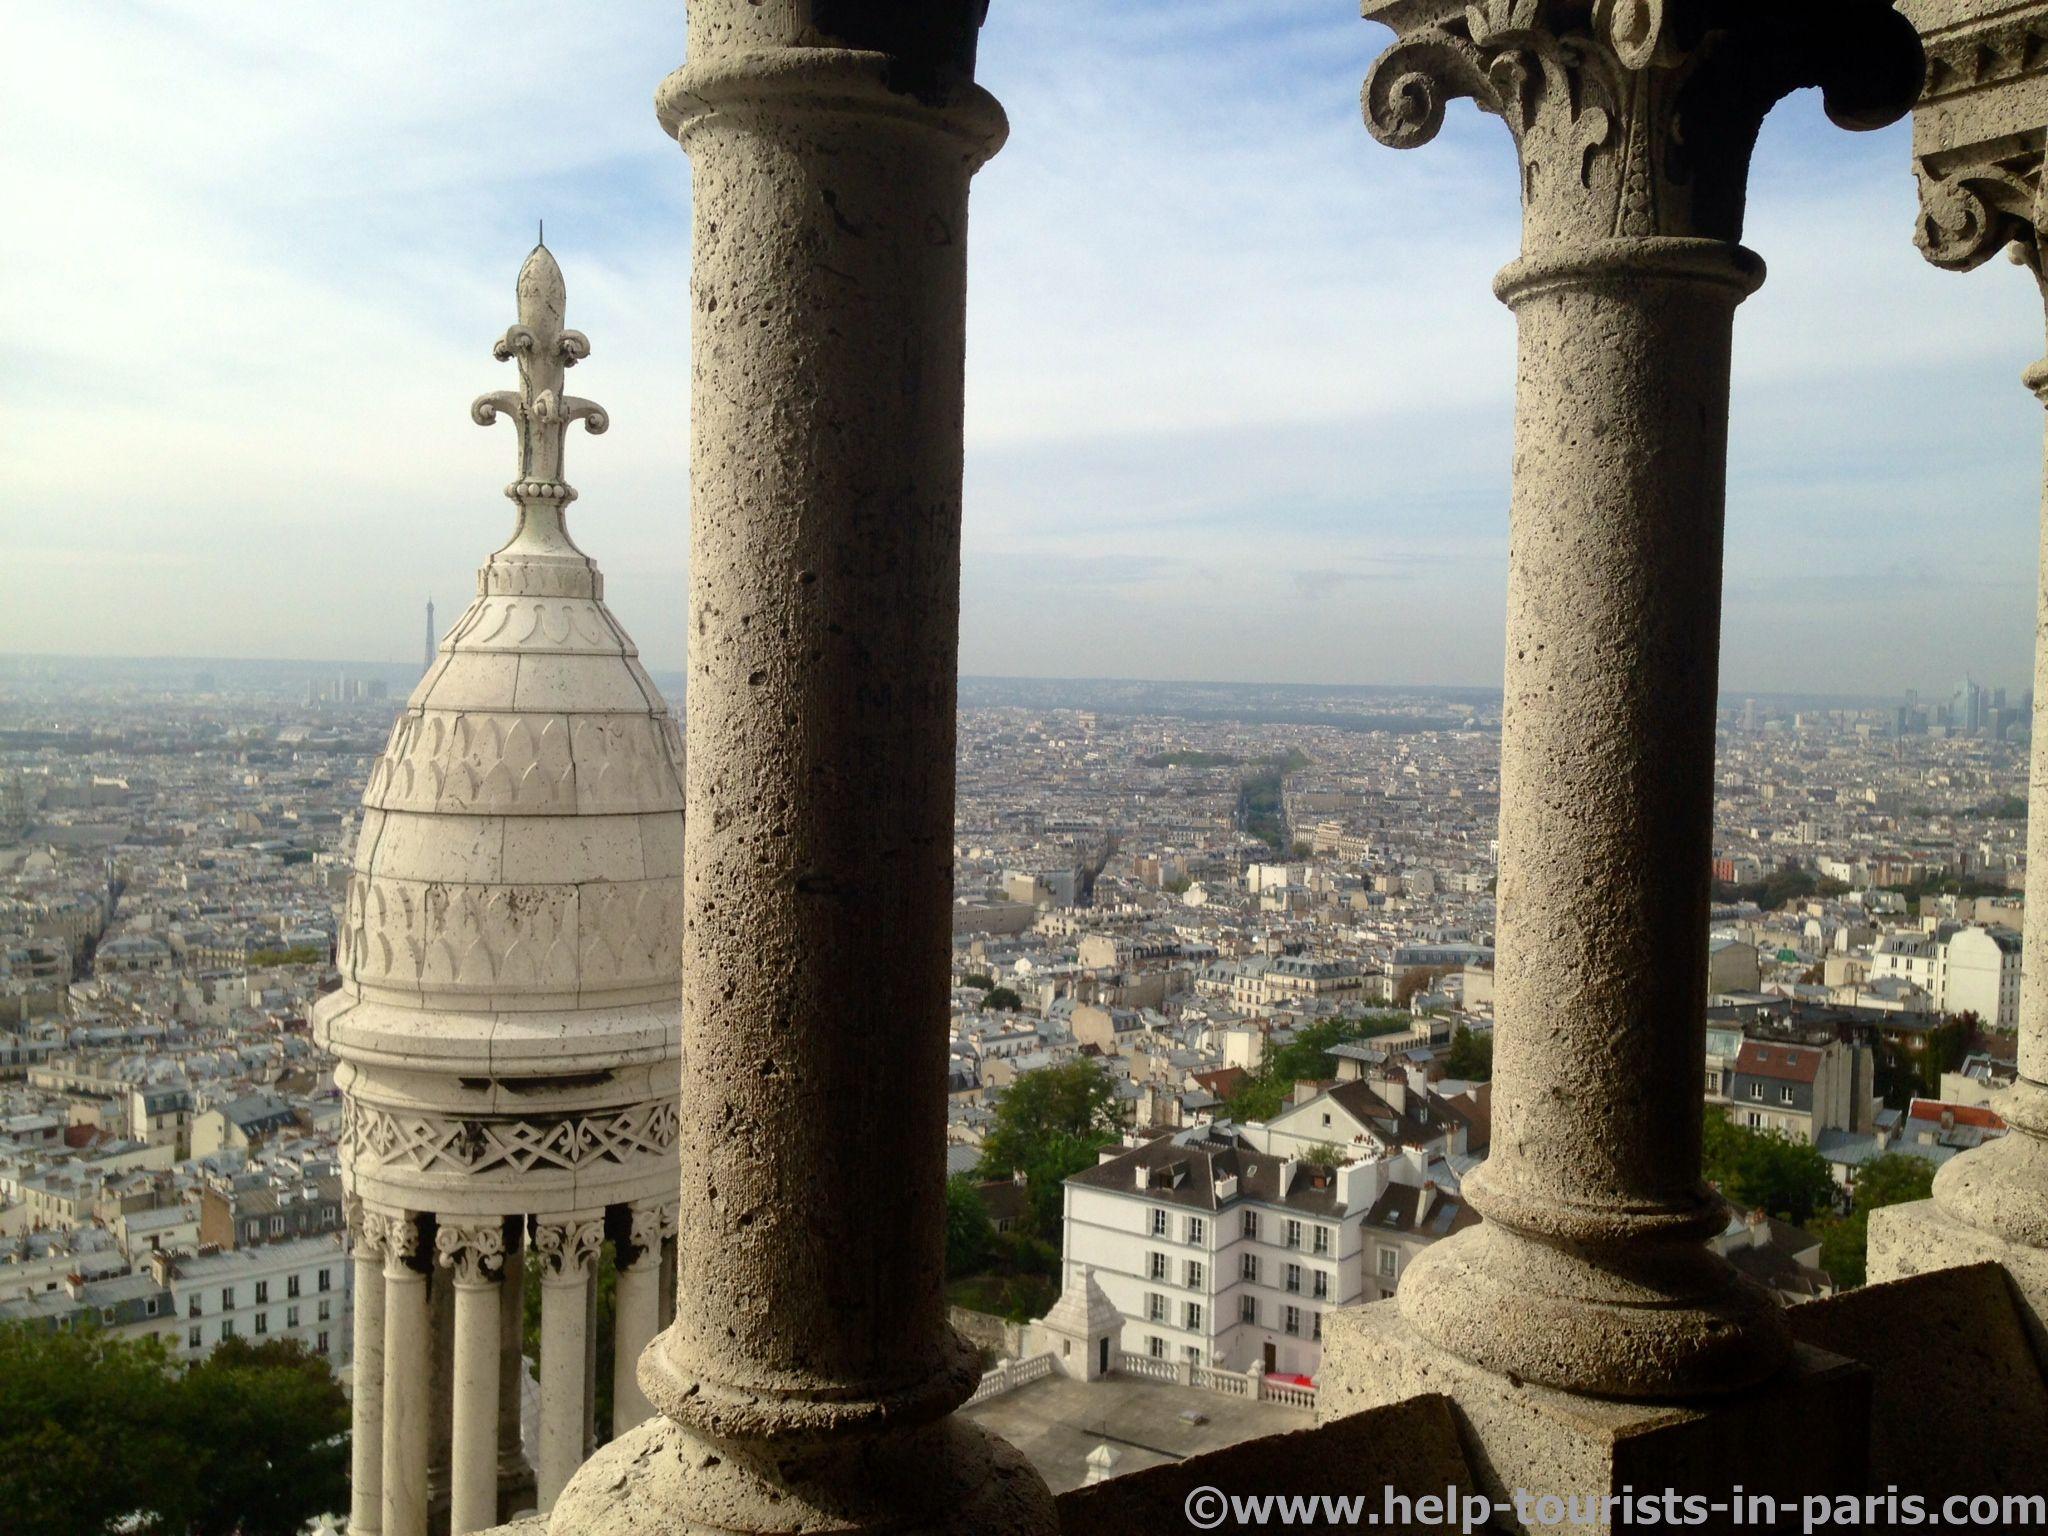 In der Kuppel von Sacré Coeur in Paris